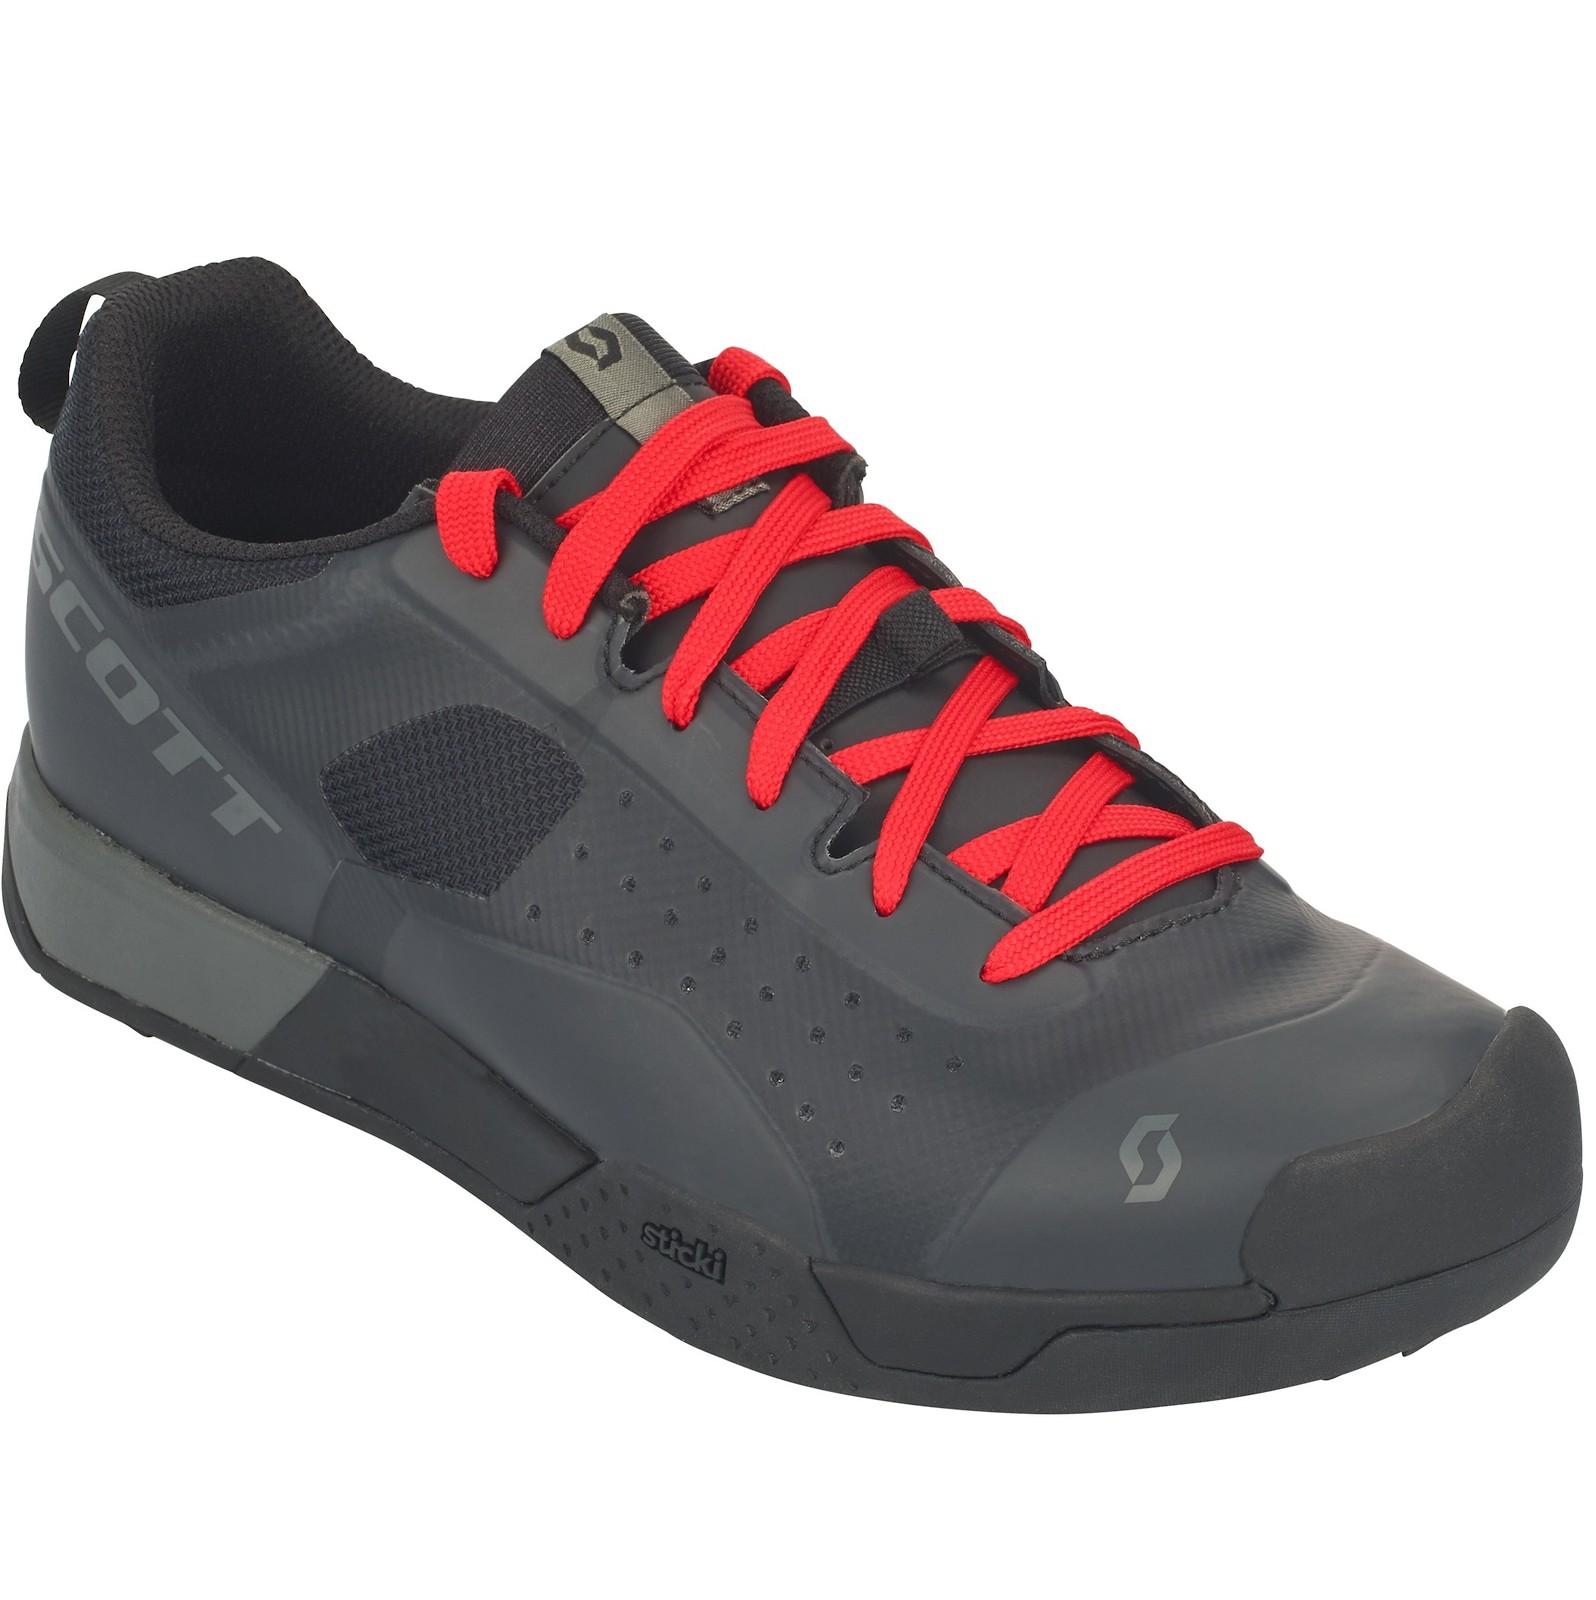 Scott AR Lace shoe in black/grey